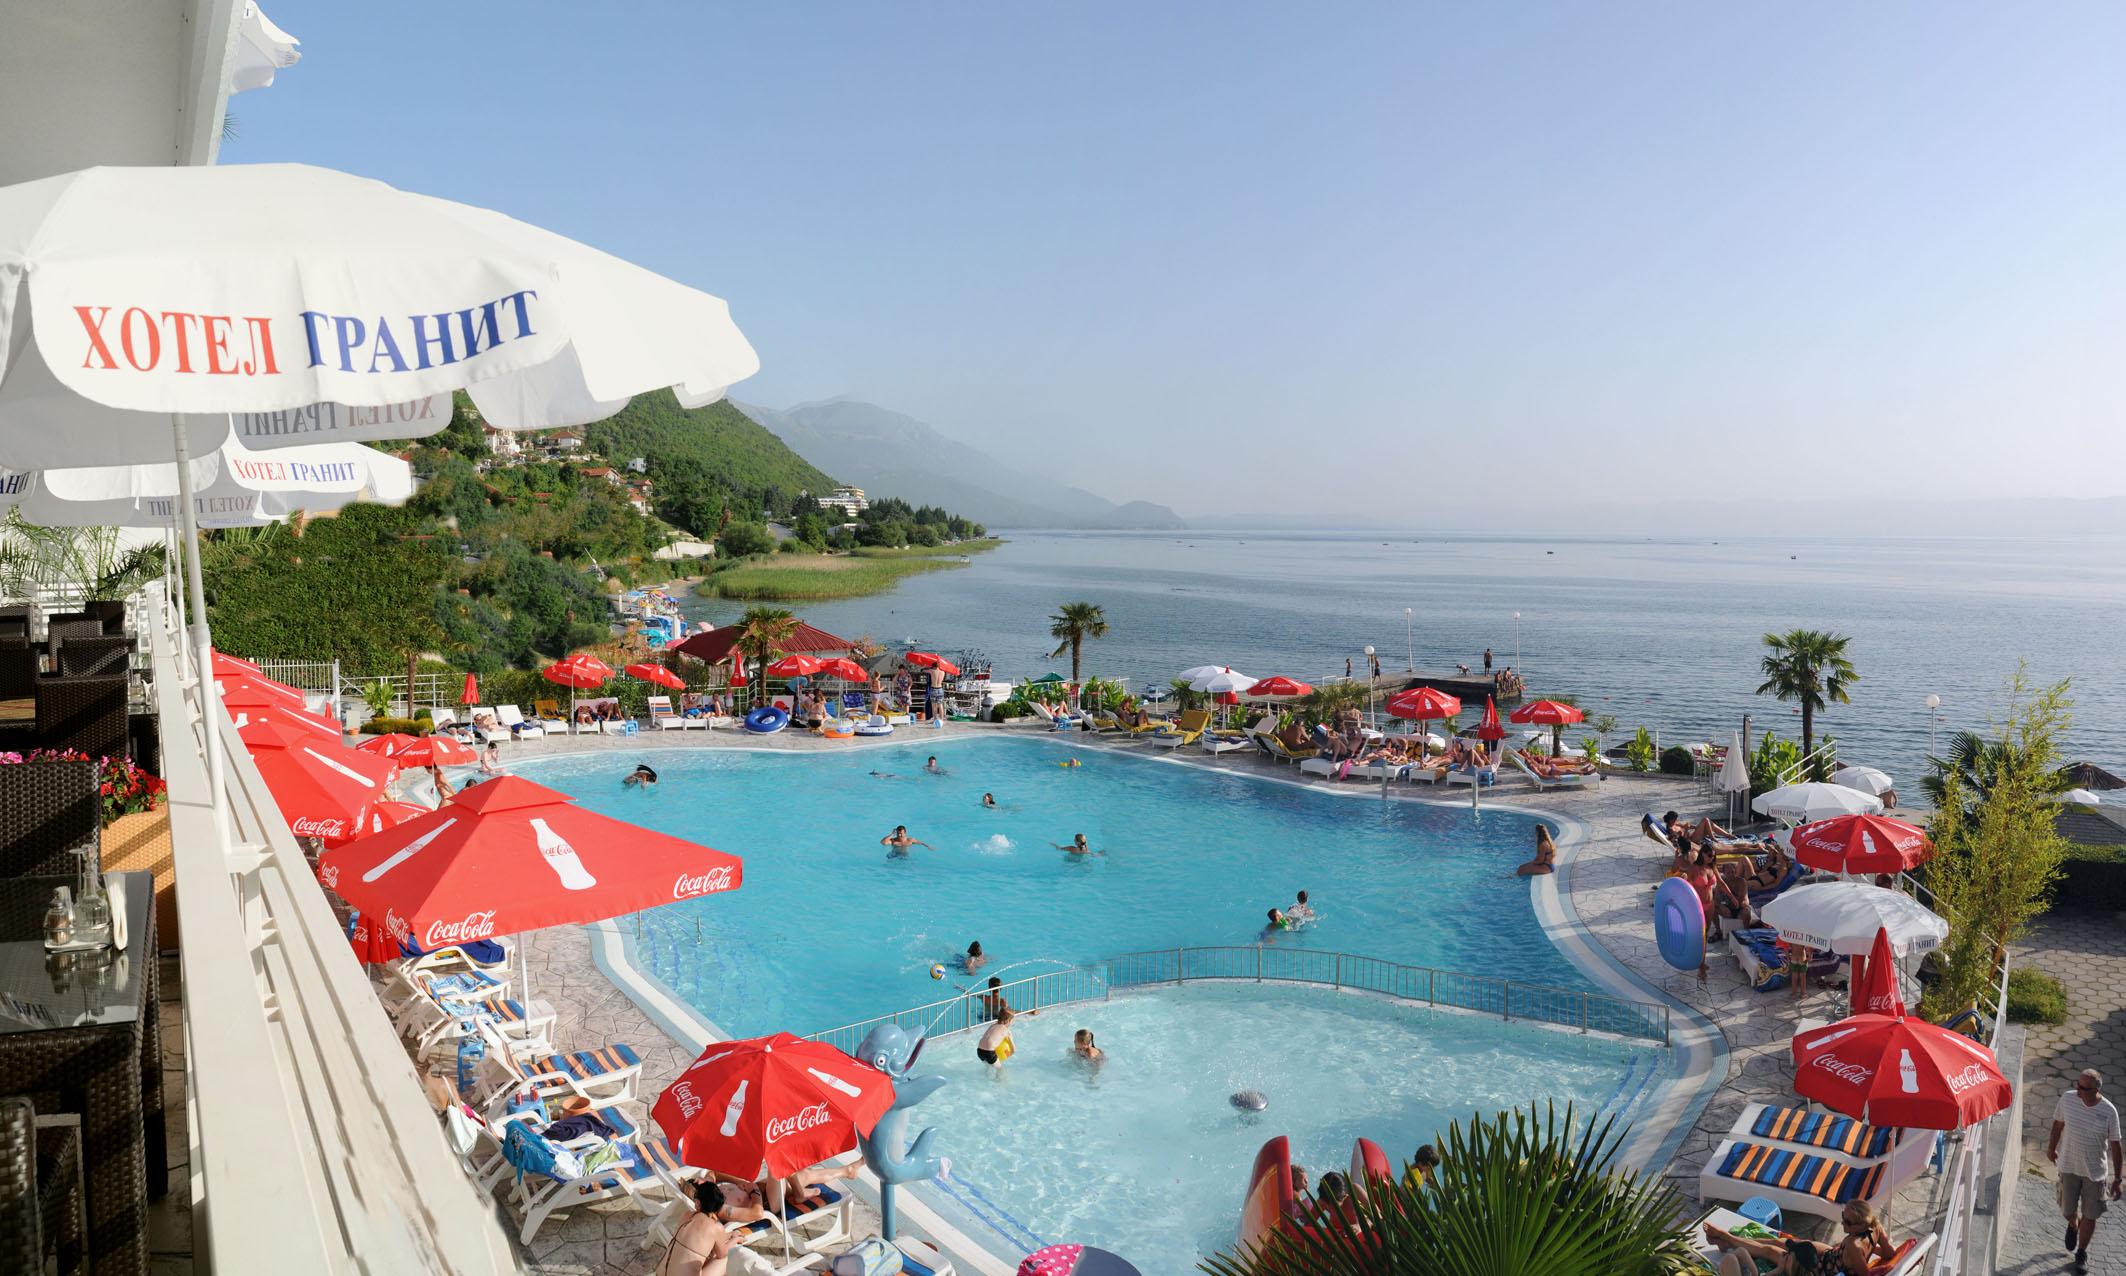 Foto: Archiv hotelu Granit